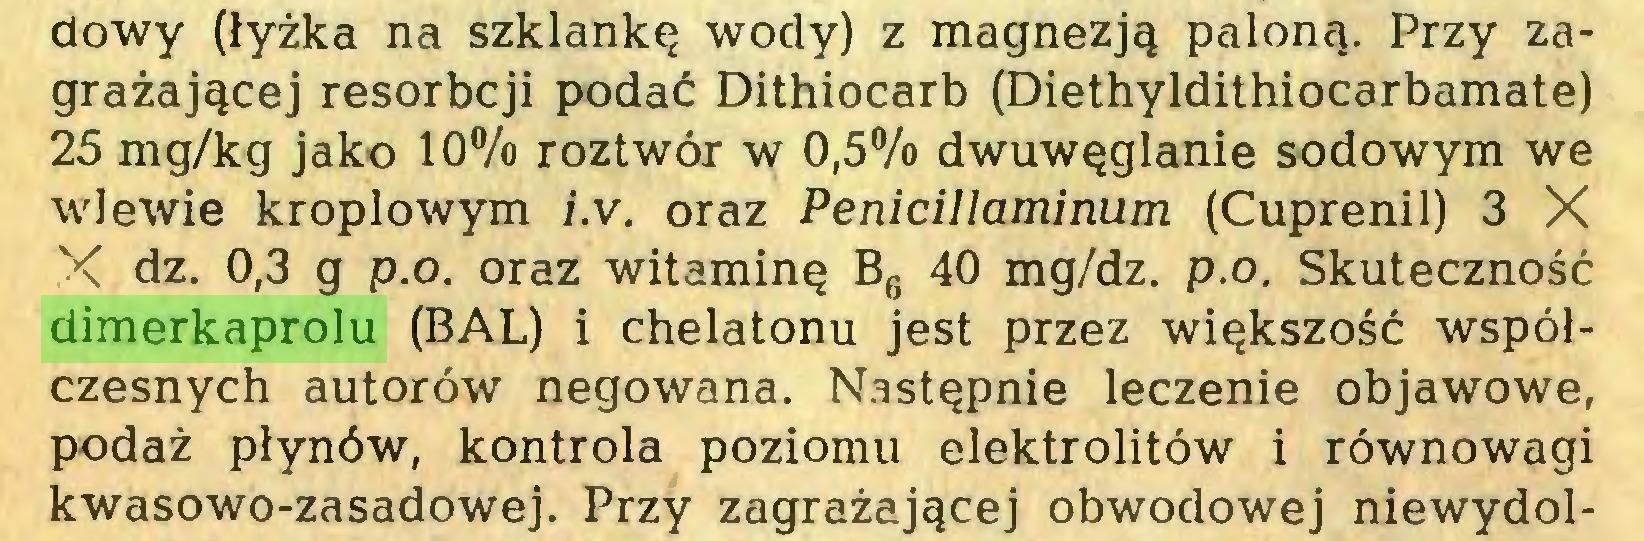 (...) dowy (łyżka na szklankę wody) z magnezją paloną. Przy zagrażającej resorbcji podać Dithiocarb (Diethyldithiocarbamate) 25 mg/kg jako 10% roztwór w 0,5% dwuwęglanie sodowym we wlewie kroplowym i.v. oraz Penicillaminum (Cuprenil) 3 X X dz. 0,3 g p.o. oraz witaminę B6 40 mg/dz. p.o. Skuteczność dimerkaprolu (BAL) i chelatonu jest przez większość współczesnych autorów negowana. Następnie leczenie objawowe, podaż płynów, kontrola poziomu elektrolitów i równowagi kwasowo-zasadowej. Przy zagrażającej obwodowej niewydol...